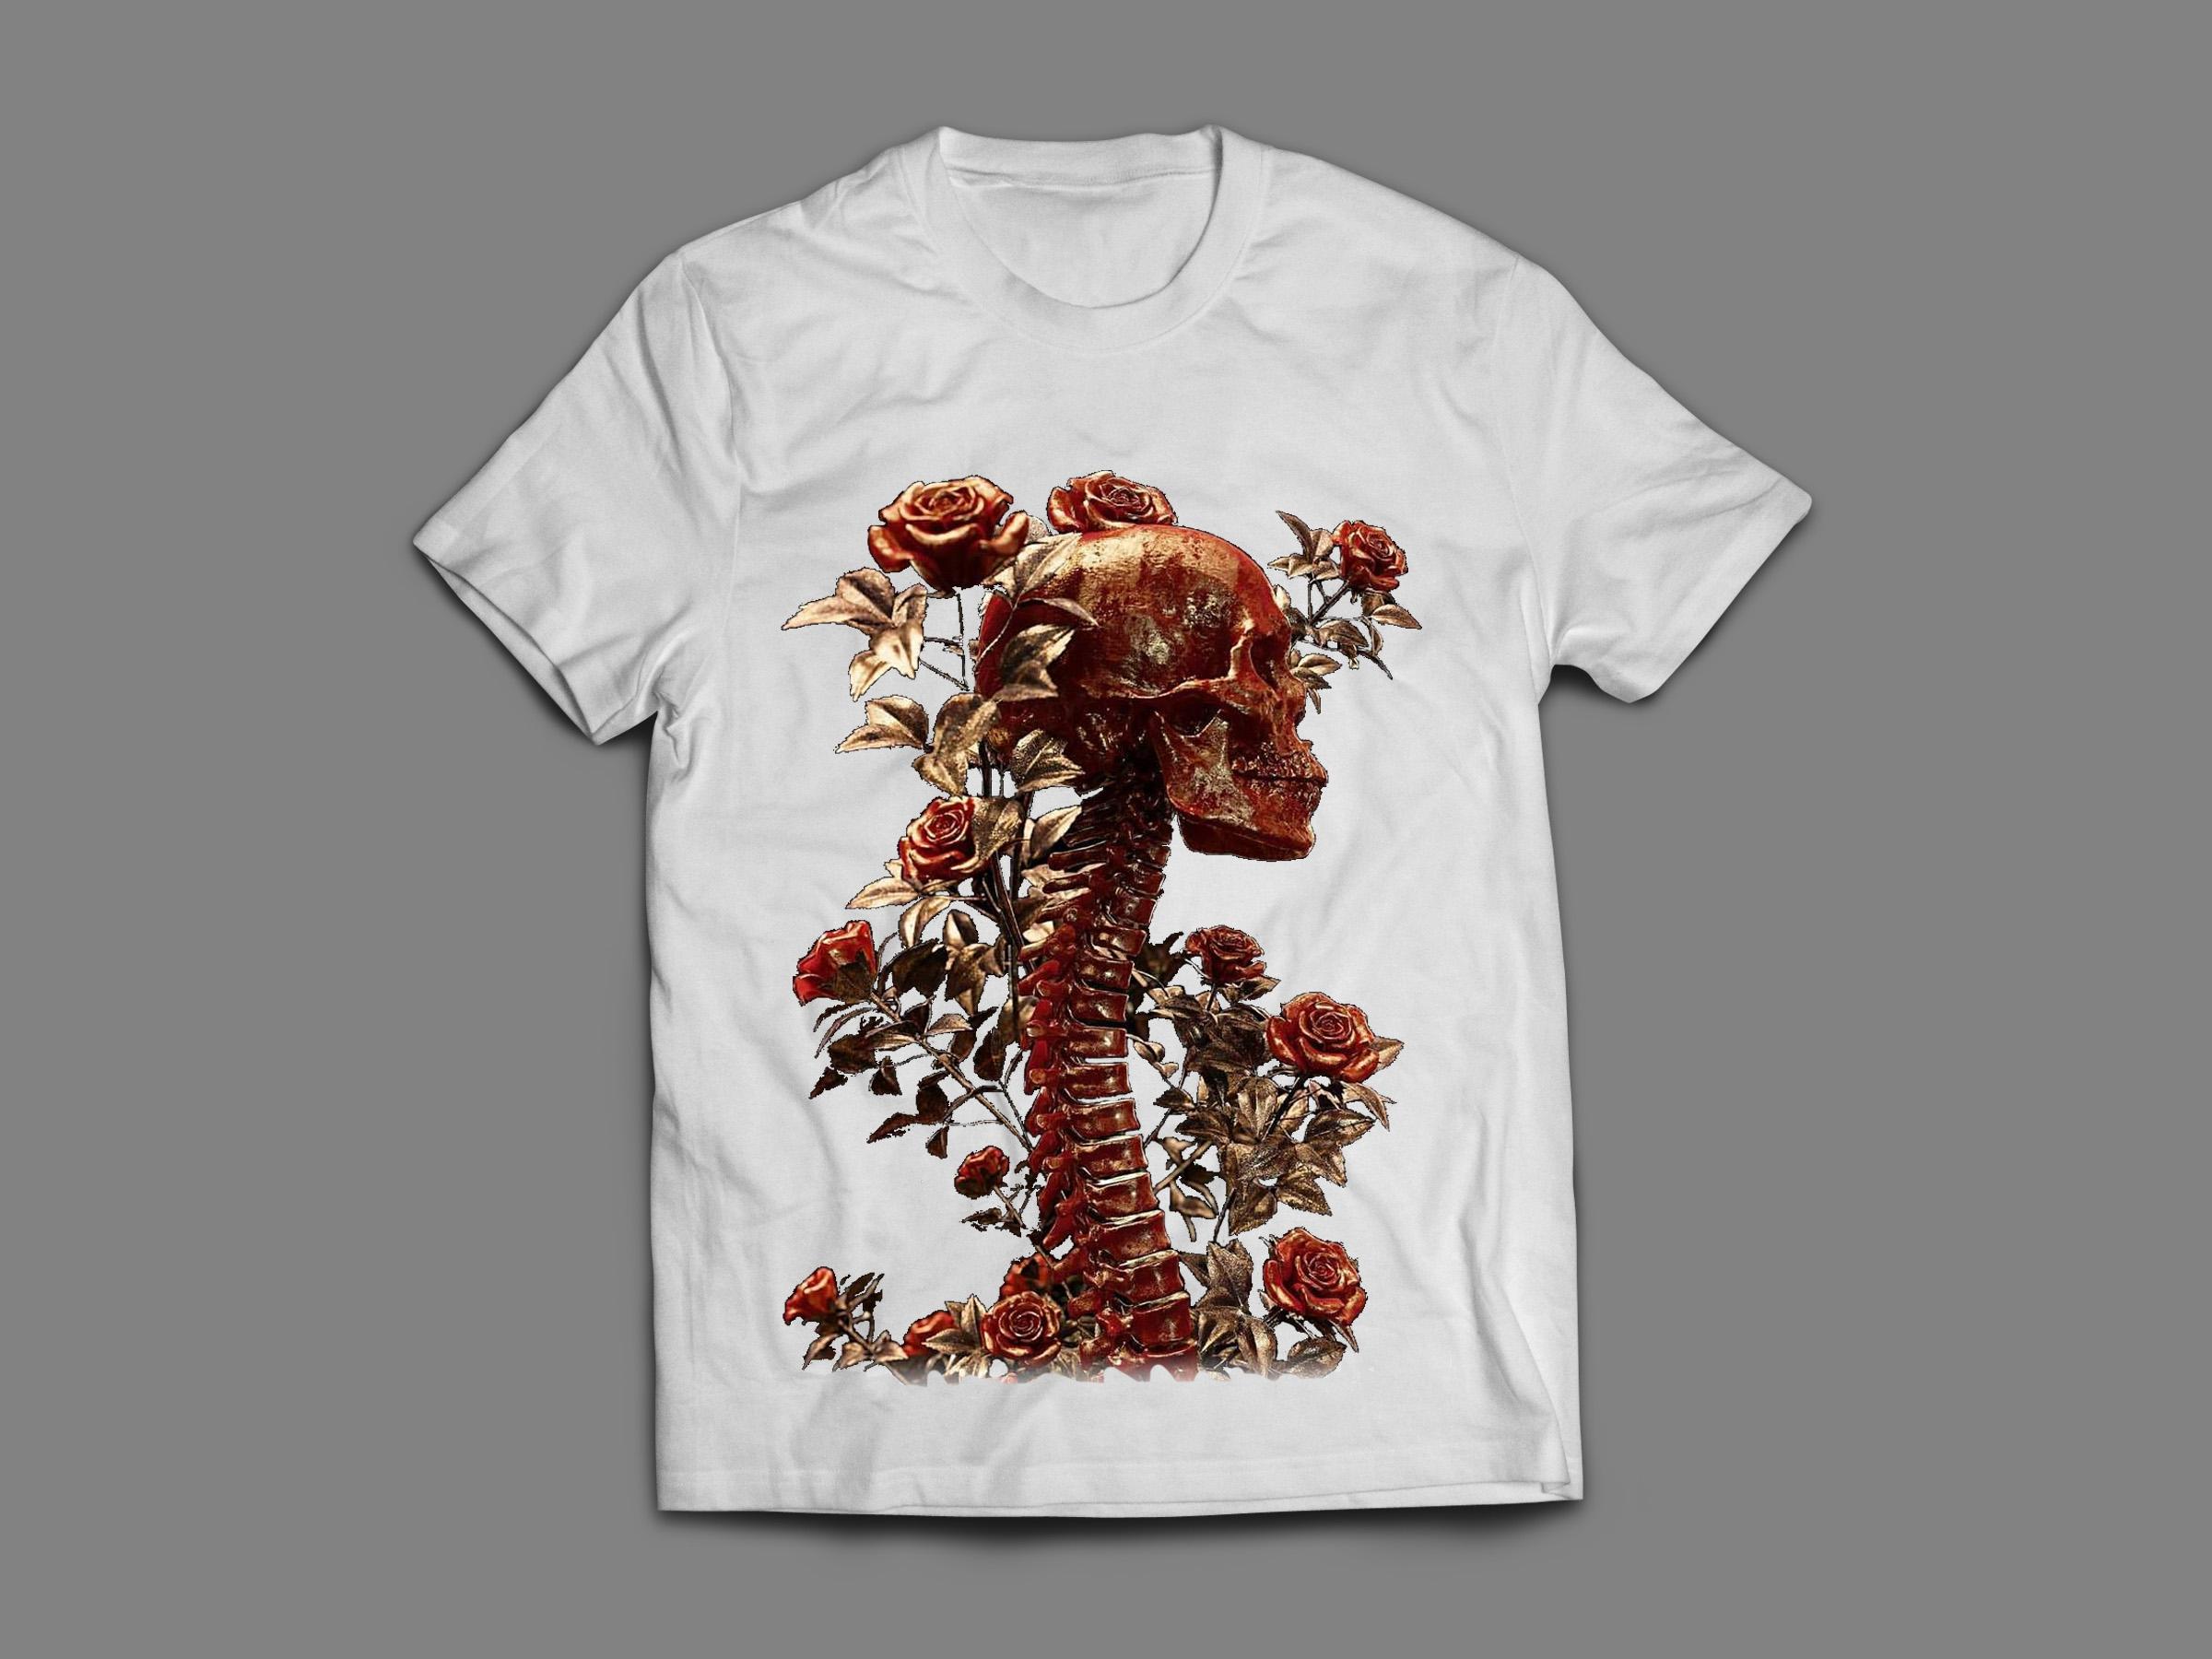 Innovate Creative Tshirt Designs By Theamazingtim